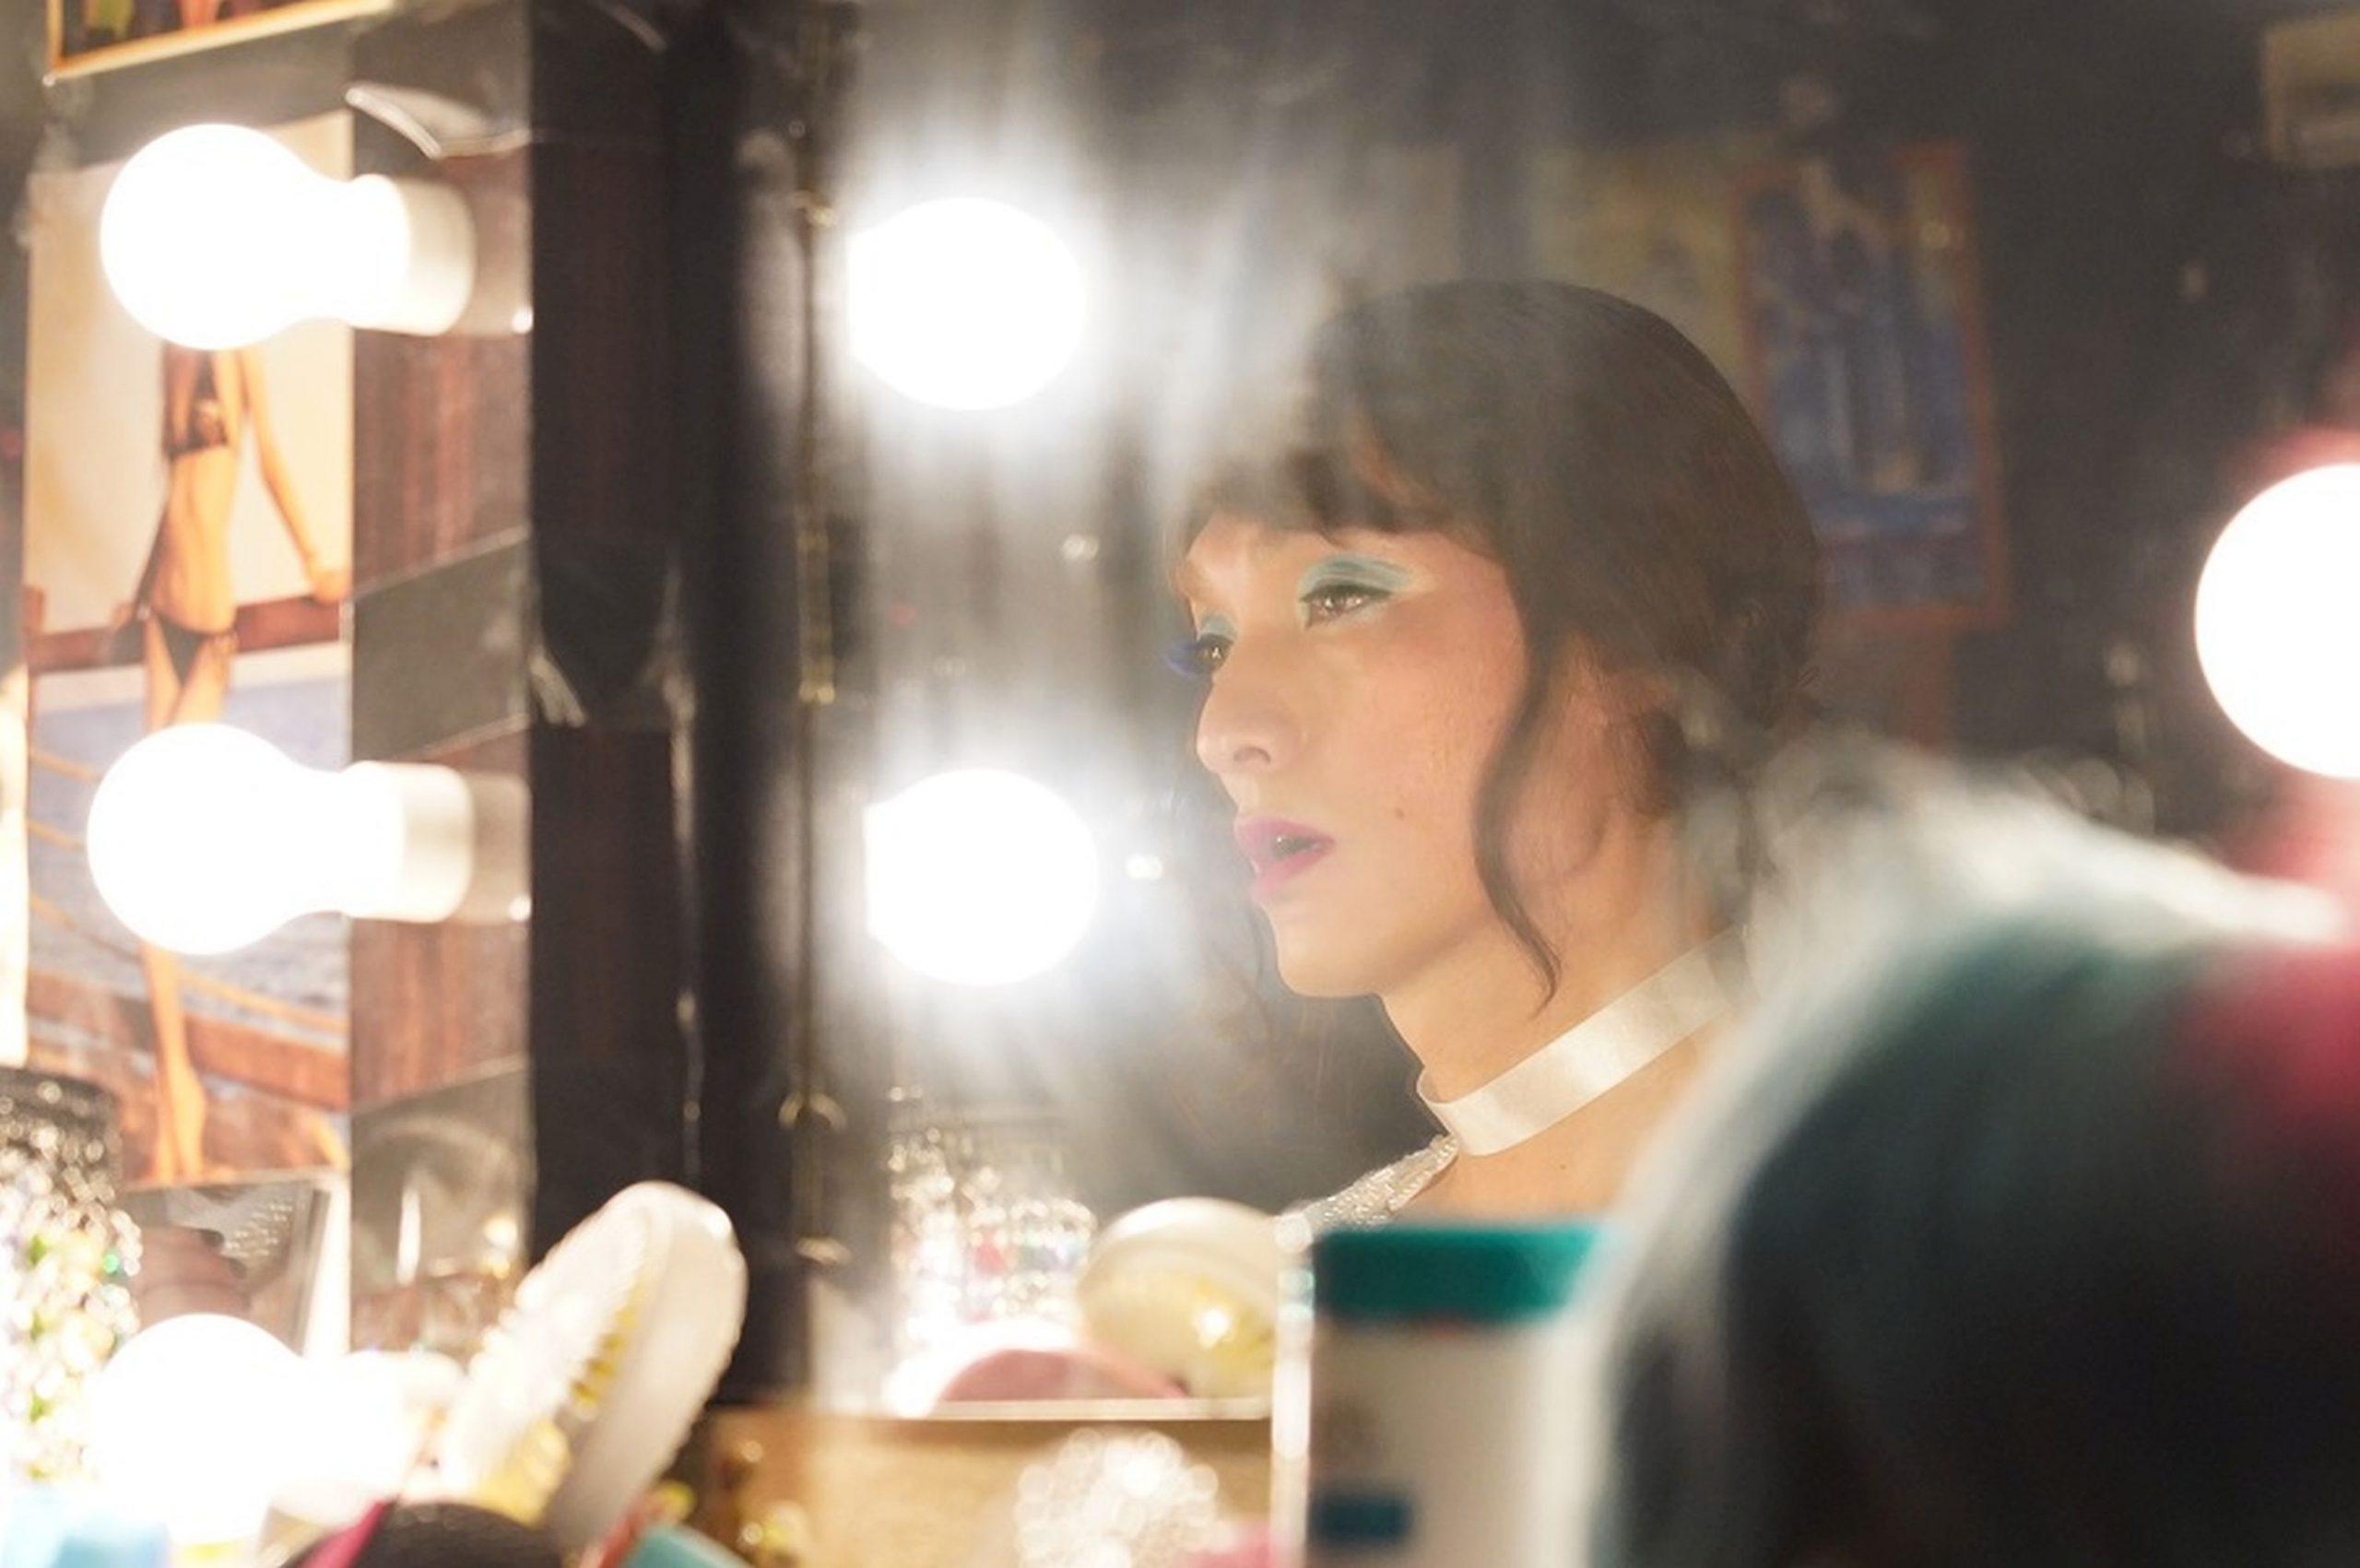 «Полночный лебедь» стал лучшим фильмом нафестивале дальневосточного кино вУдине